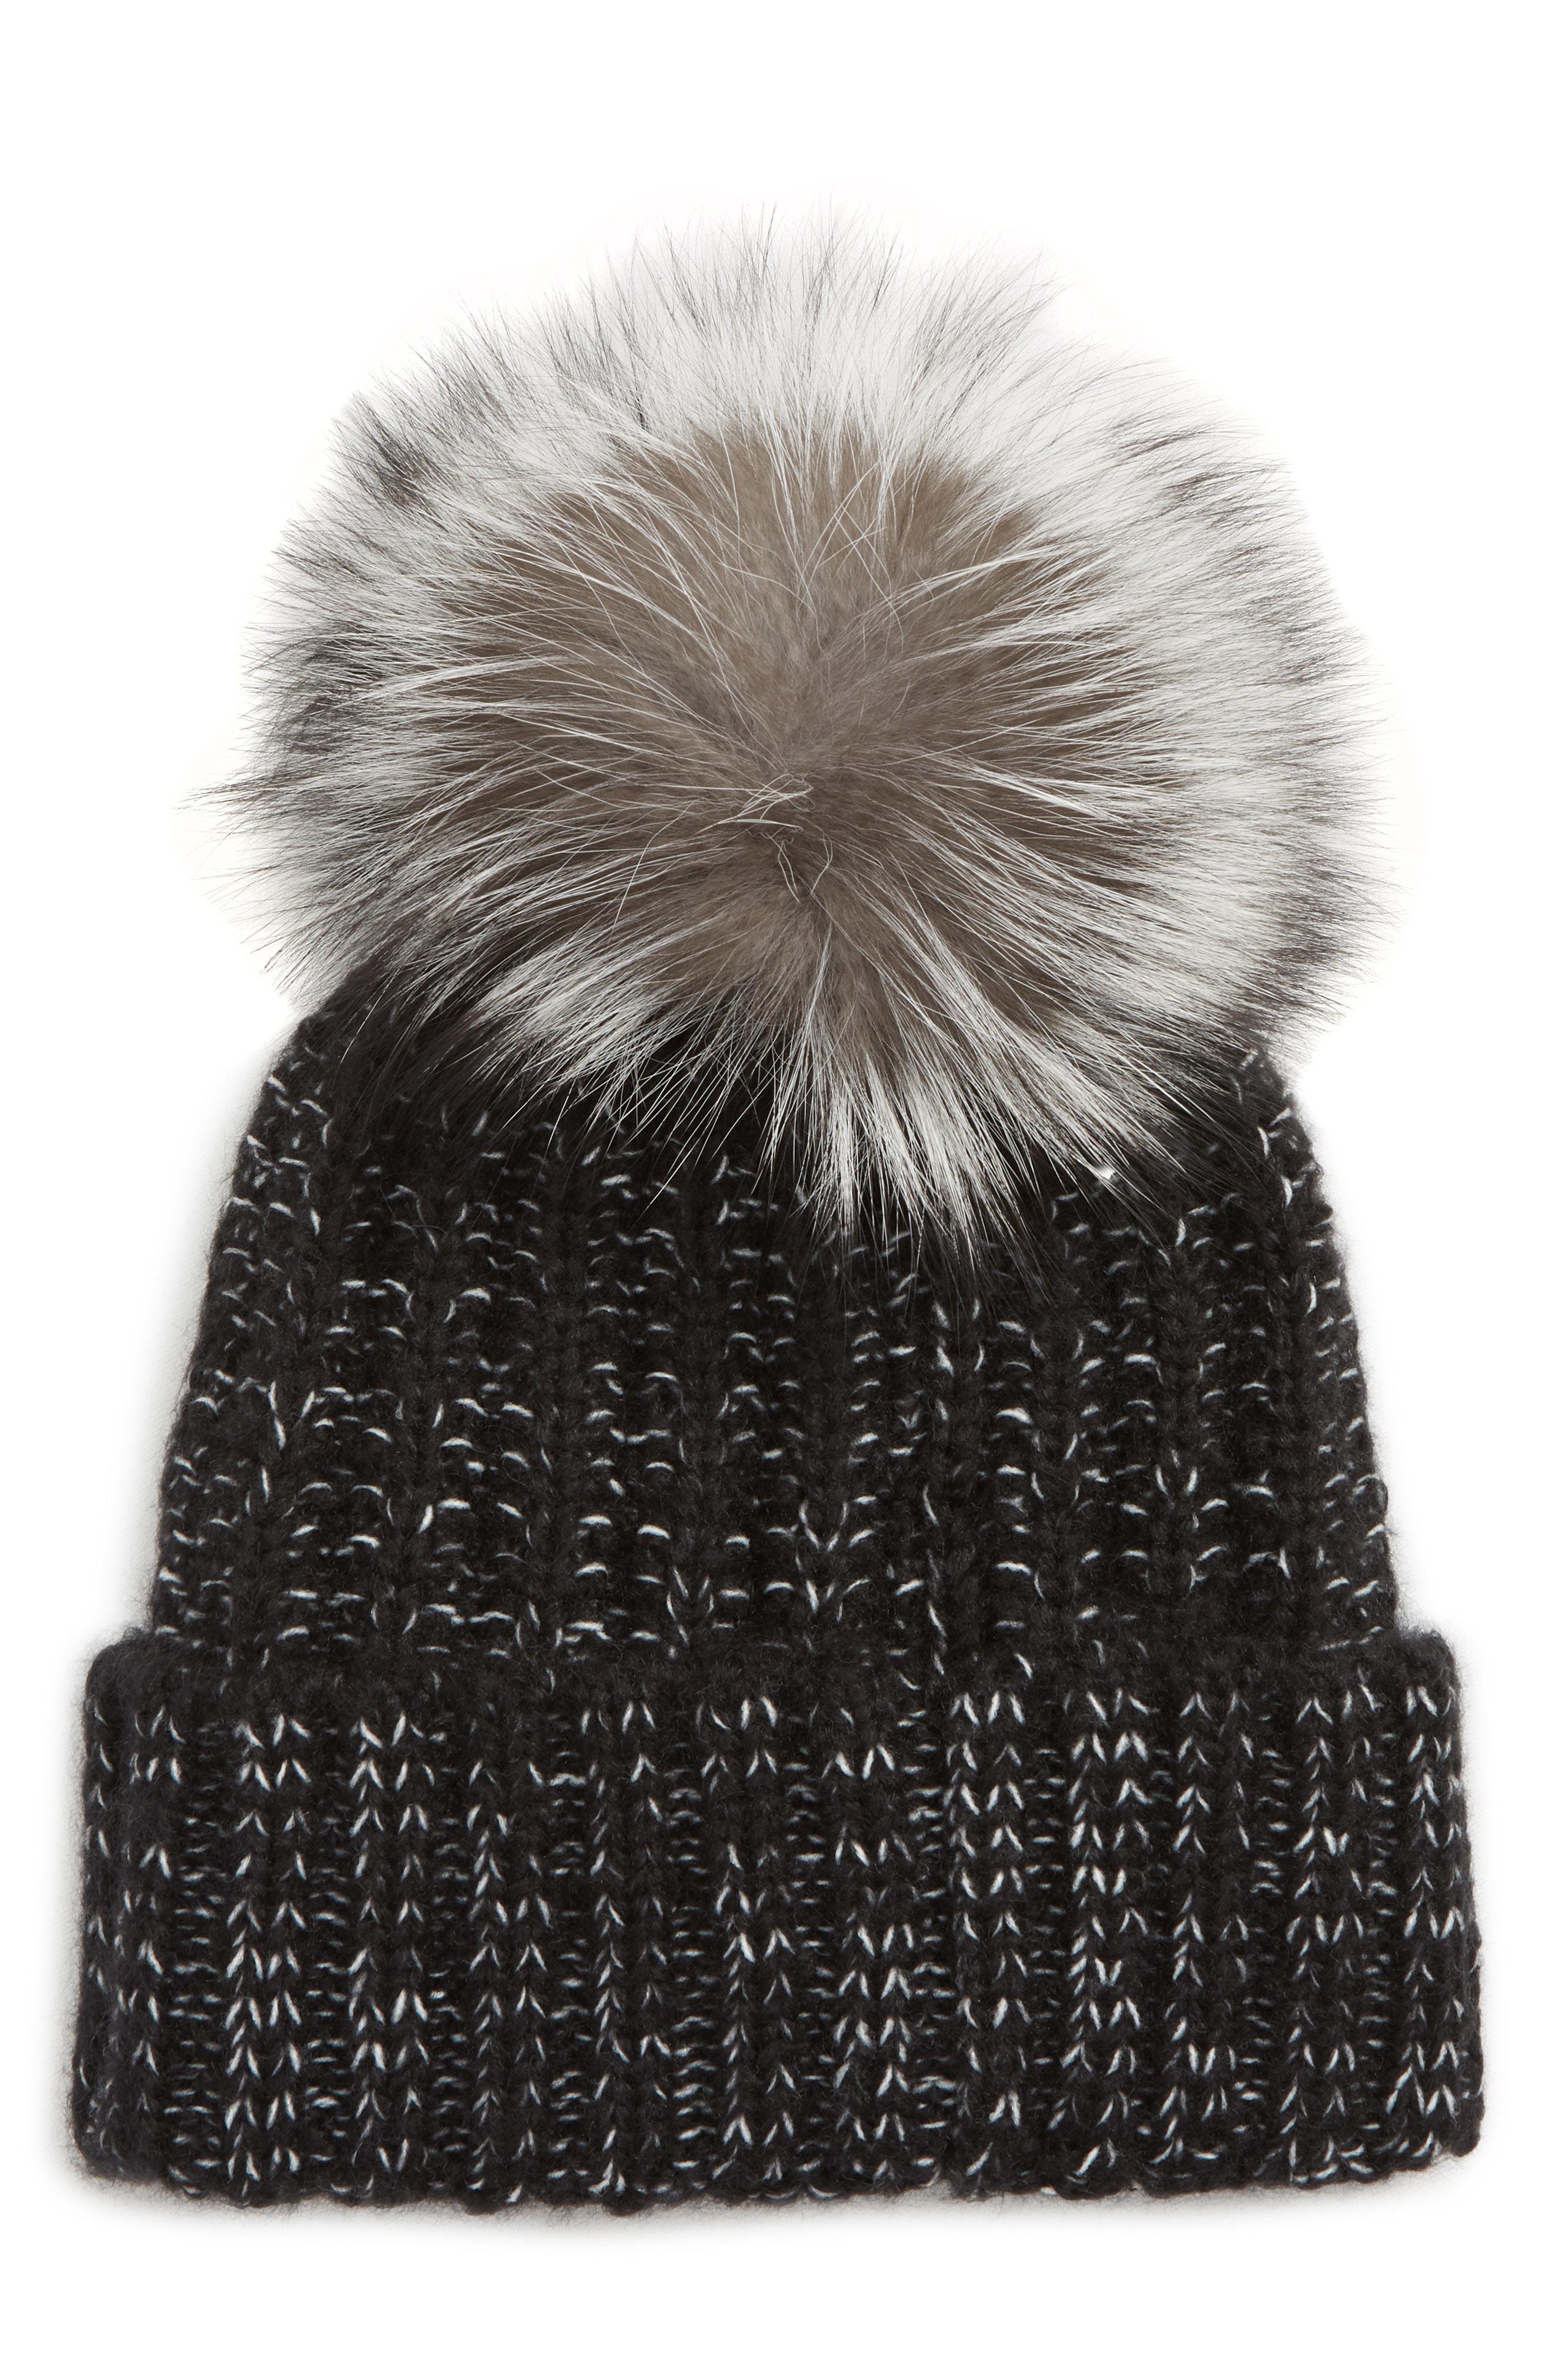 acf78677ed132 Kyi Kyi. Women s Beanie With Genuine Fox Fur Pom -